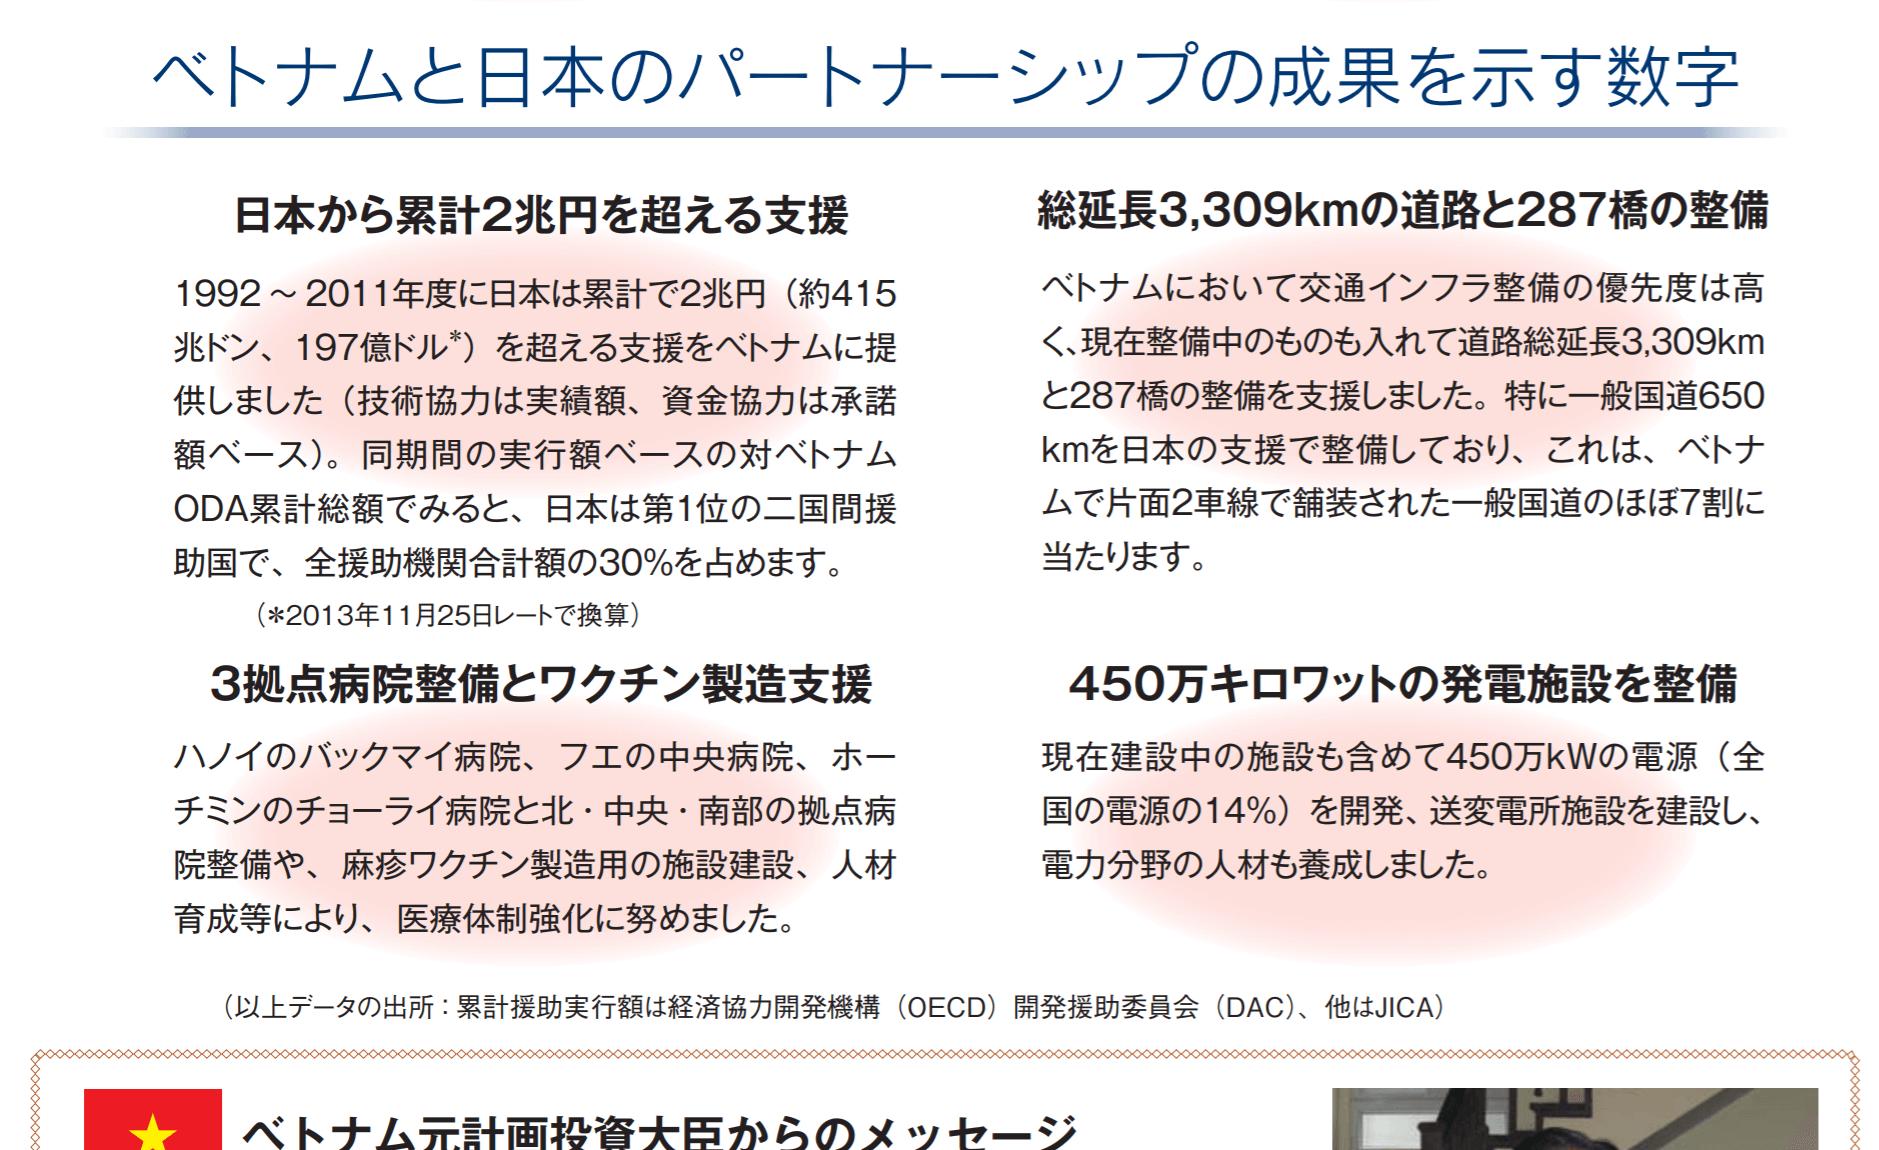 出典:JICA「対越ODA再開20周年記念」パンフレットより抜粋